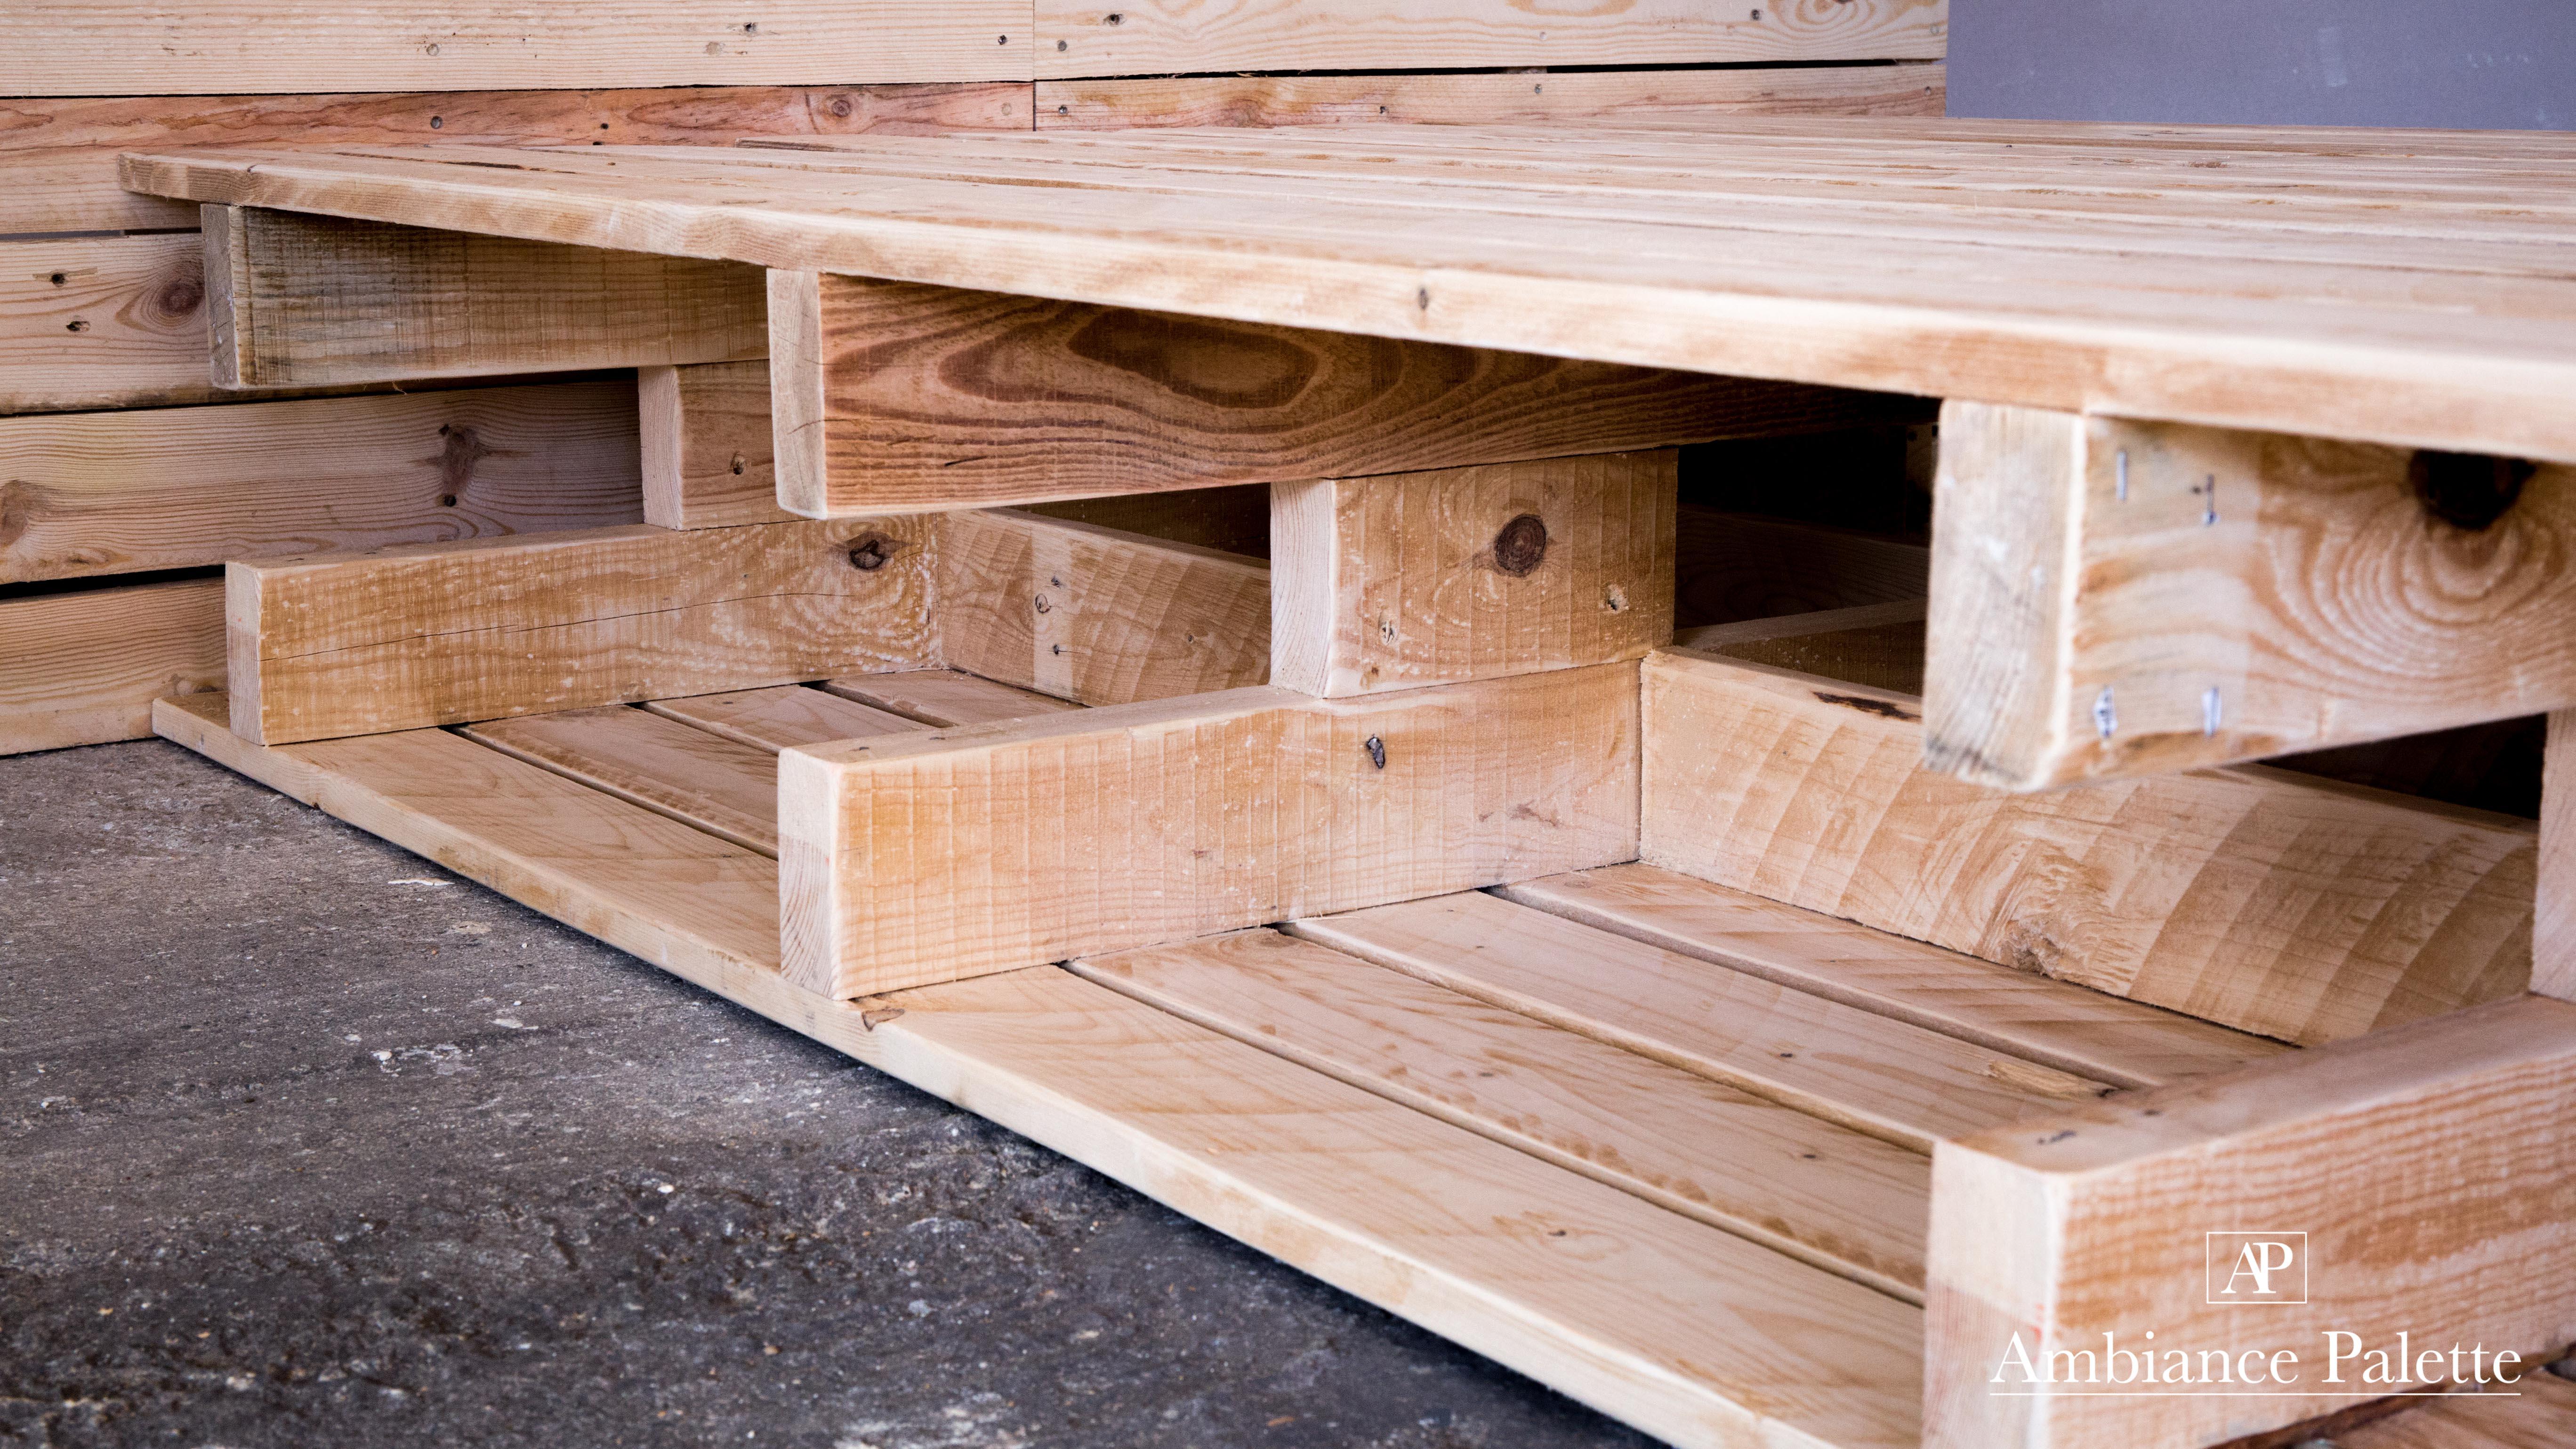 Construction Lit en bois de palette Ambiance Palette # Construction En Palette De Bois